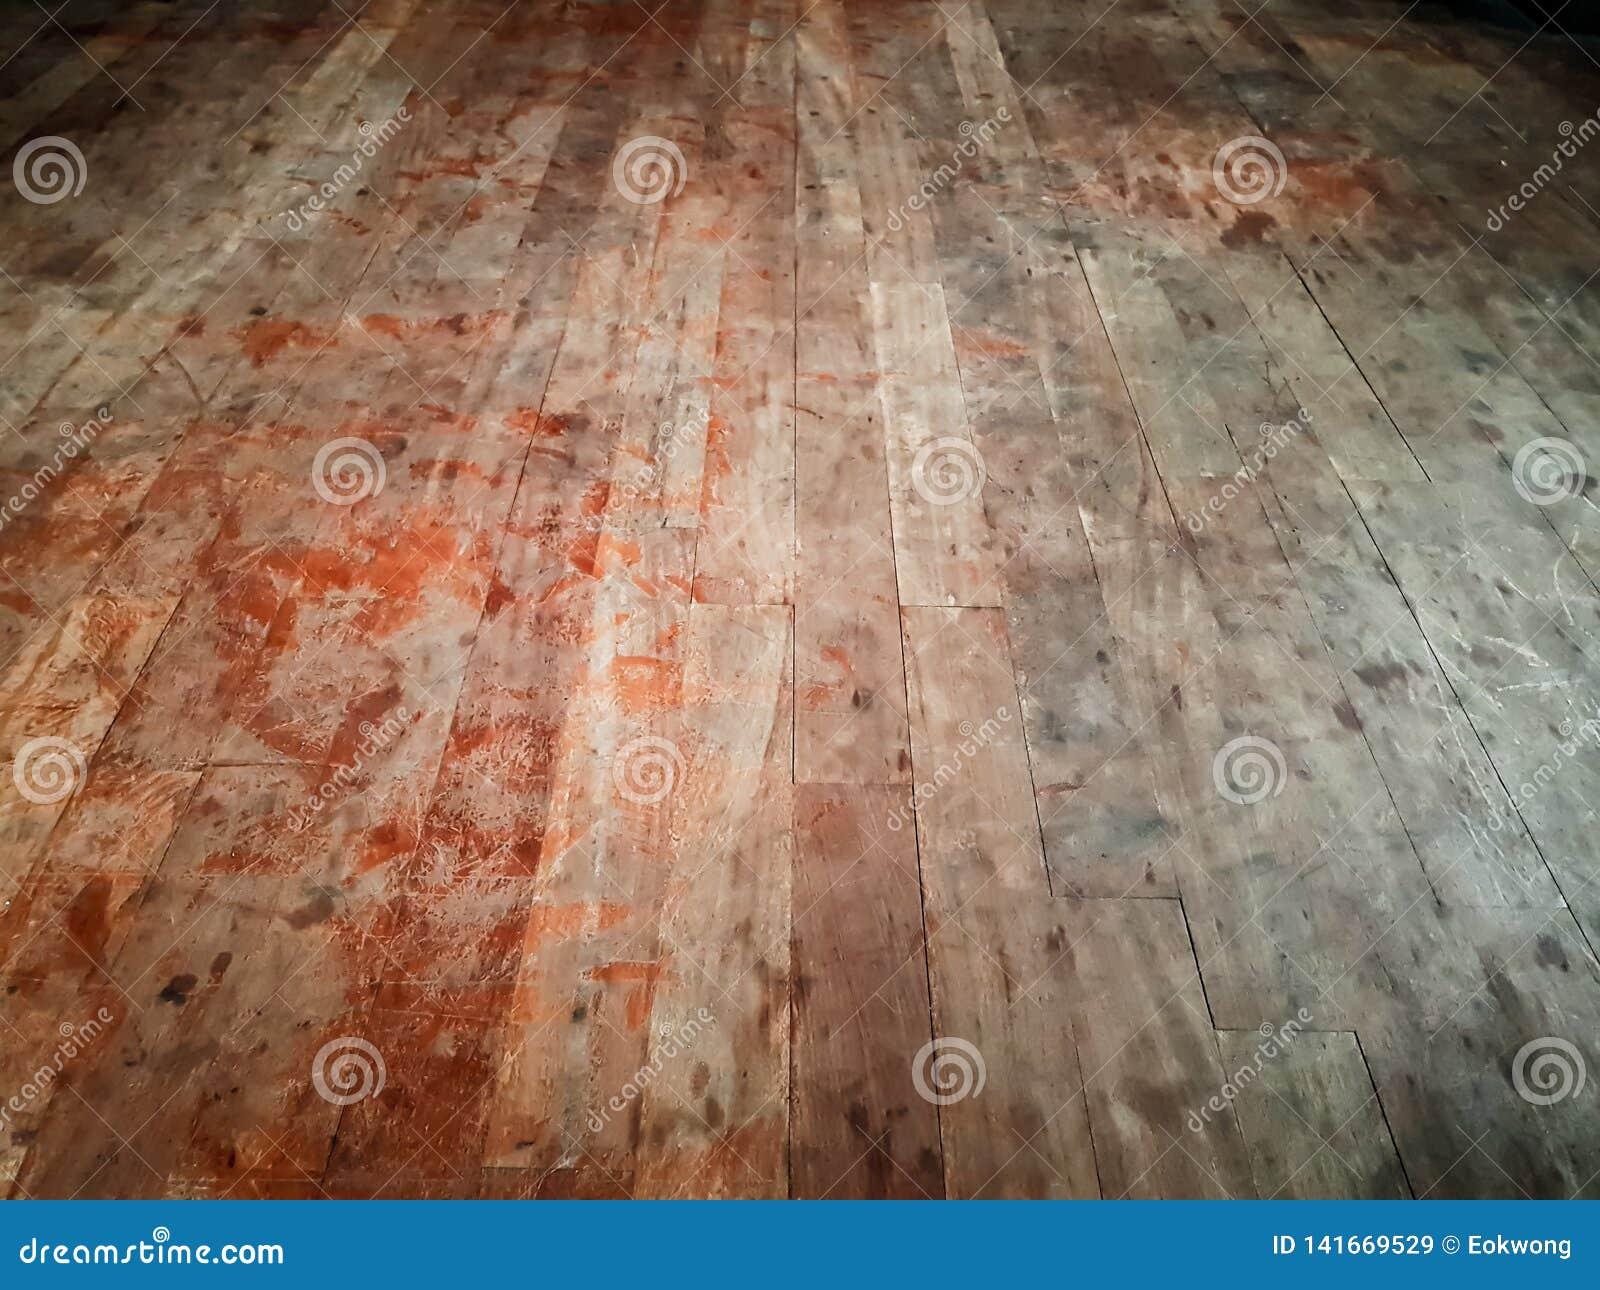 Γρατζουνισμένο βρώμικο πάτωμα σκληρού ξύλου, που παρουσιάζει κόκκινους λεκέδες που μοιάζουν με το αίμα - εγκαταλειμμένο σπίτι, τρ